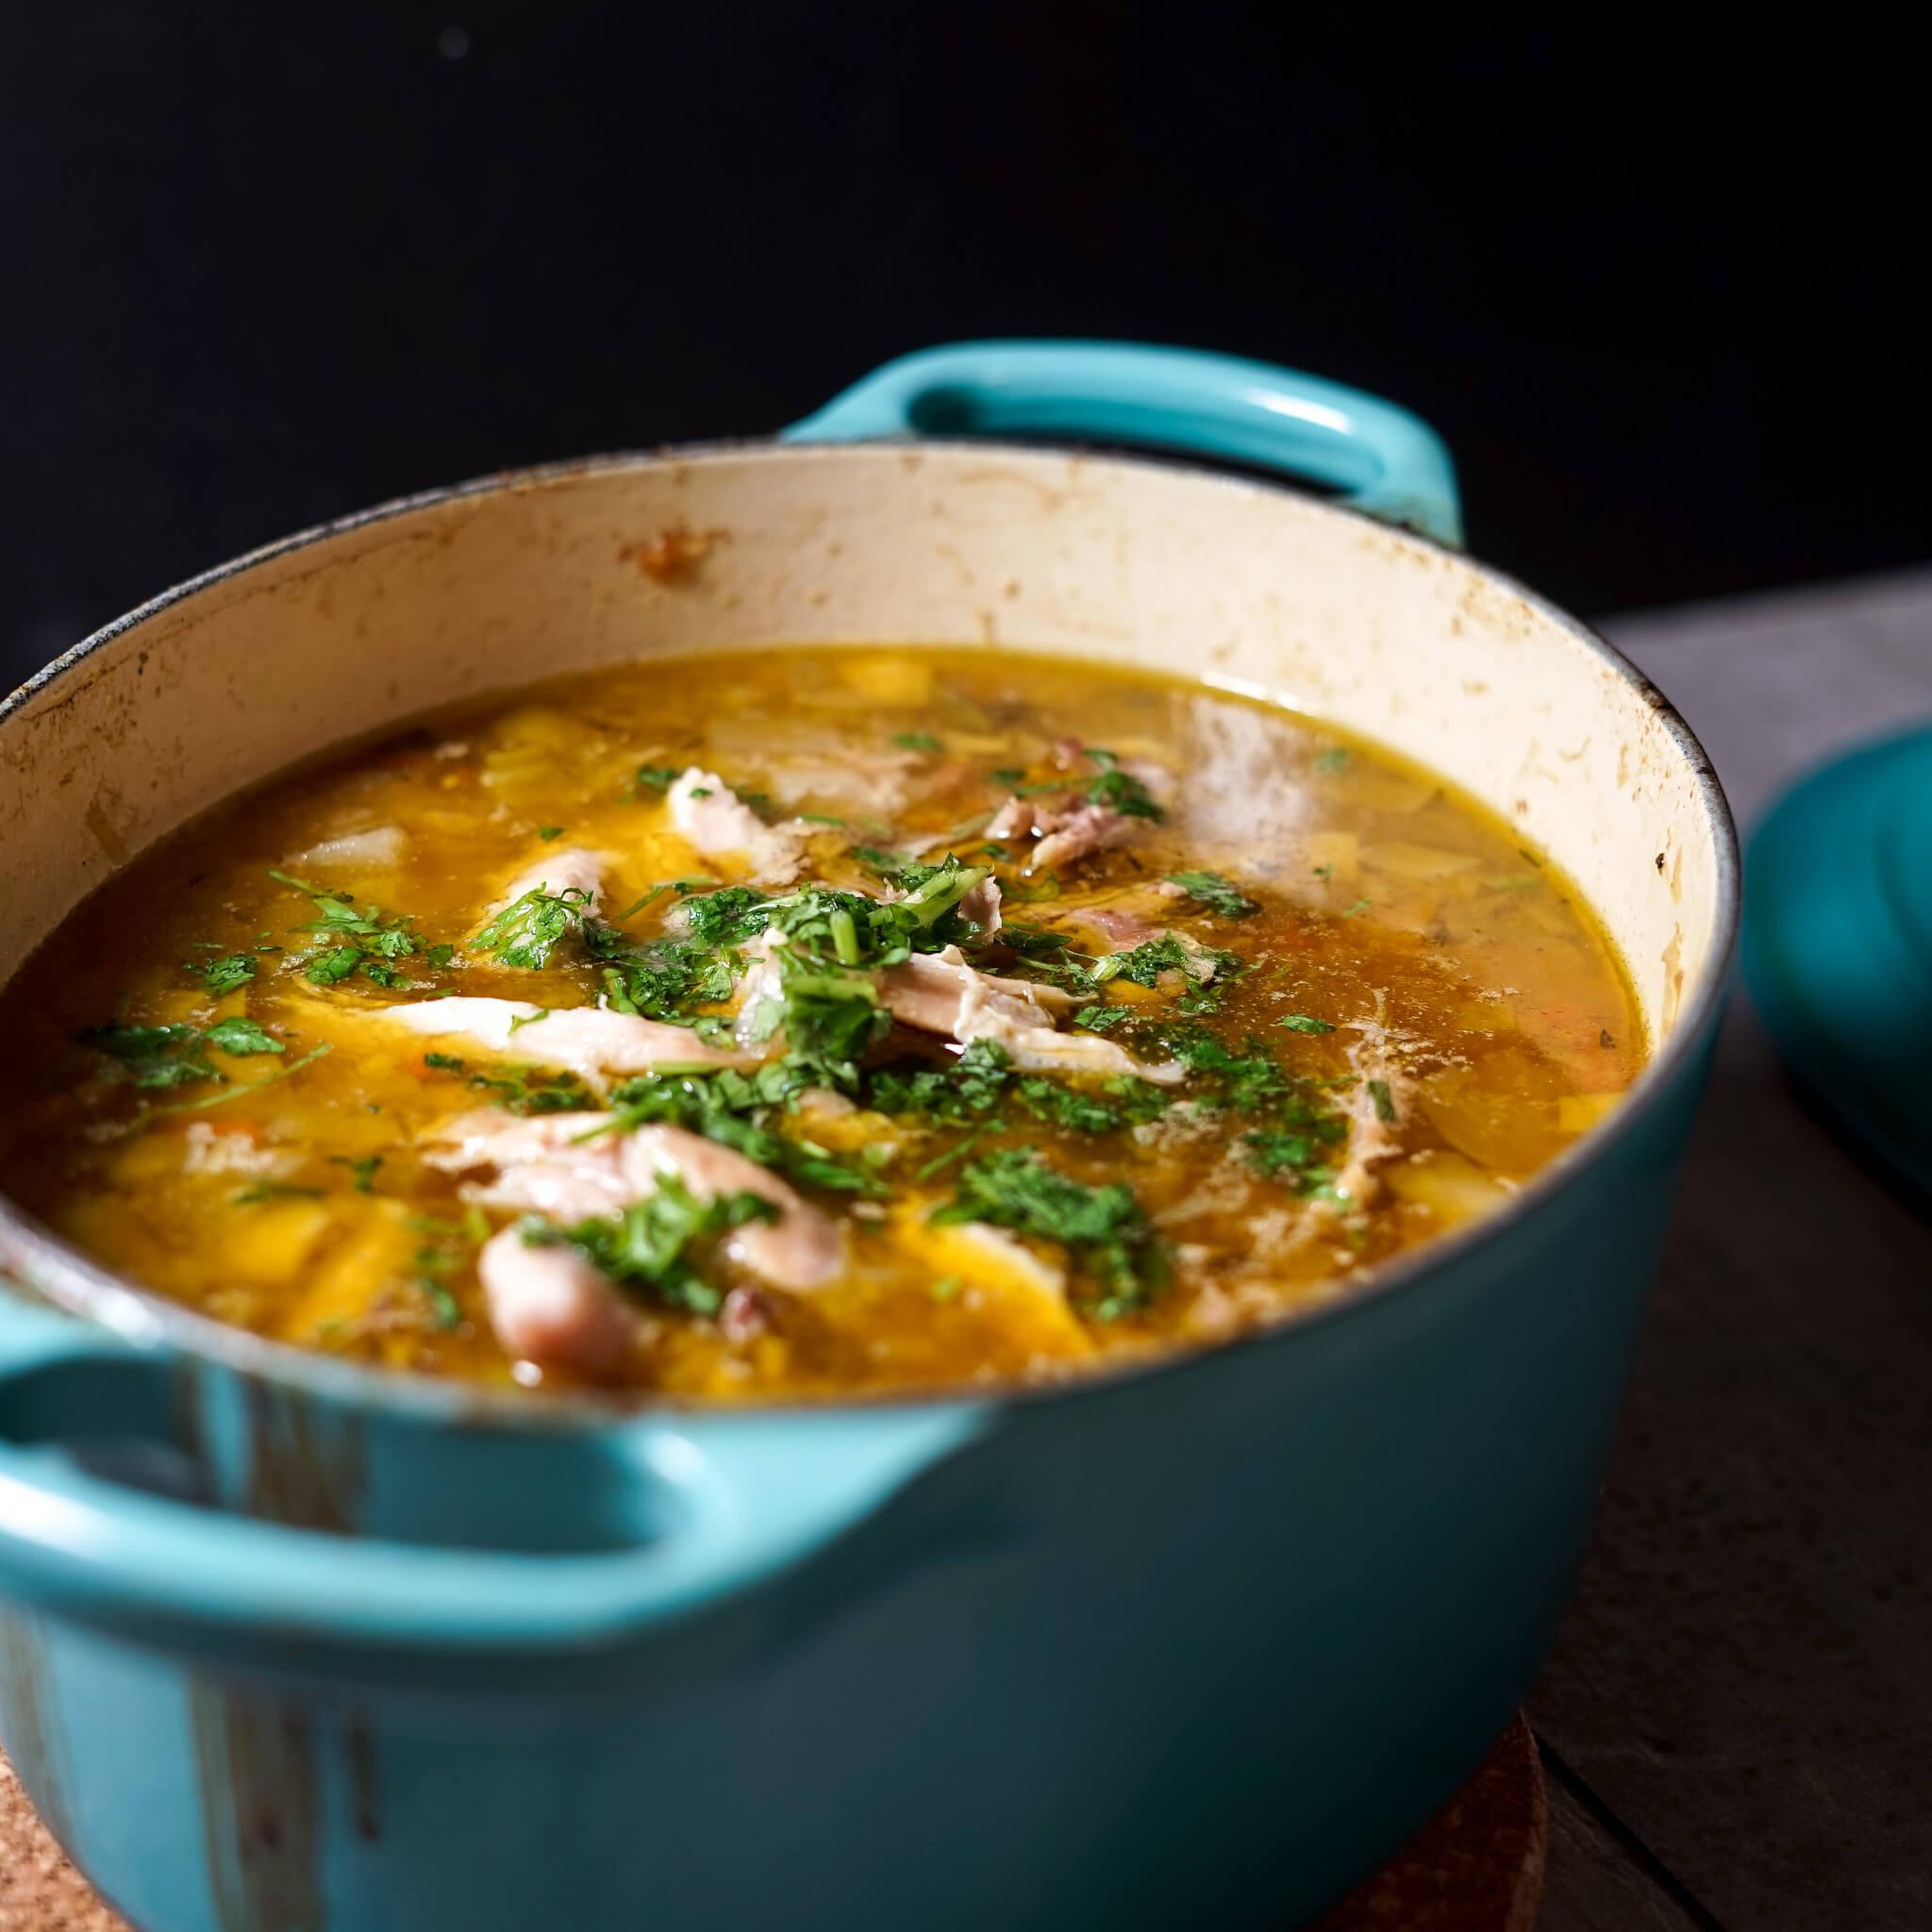 Chicken stew casserole